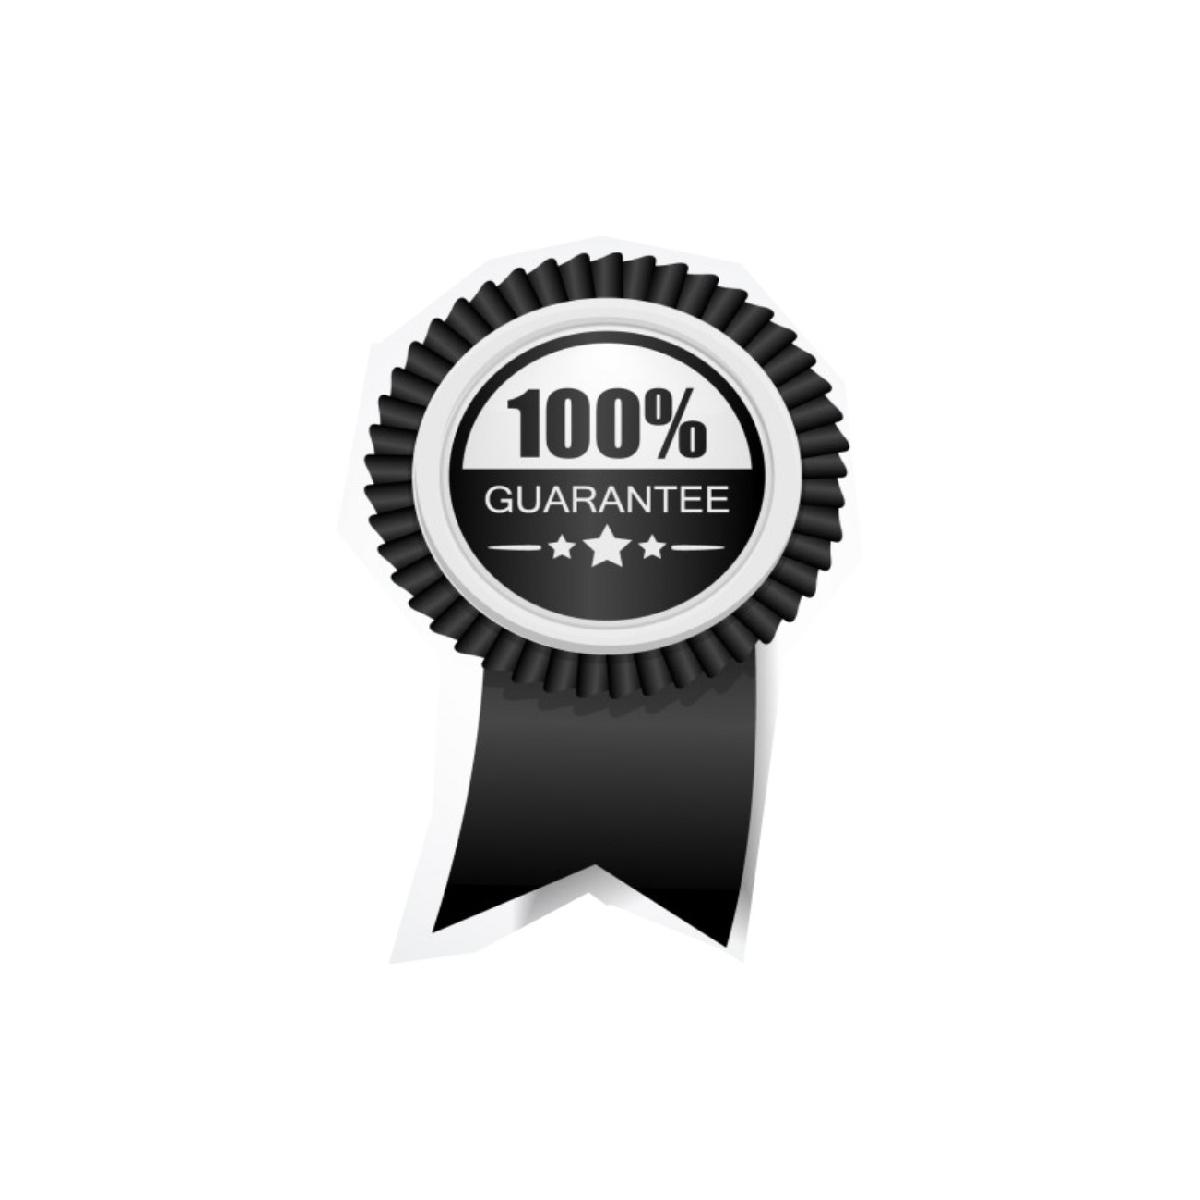 Suporte Opas Sea Doo GTI 2 Tempos 02 a 04 Lado Direito (RH)  - Radical Peças - Peças para Jet Ski